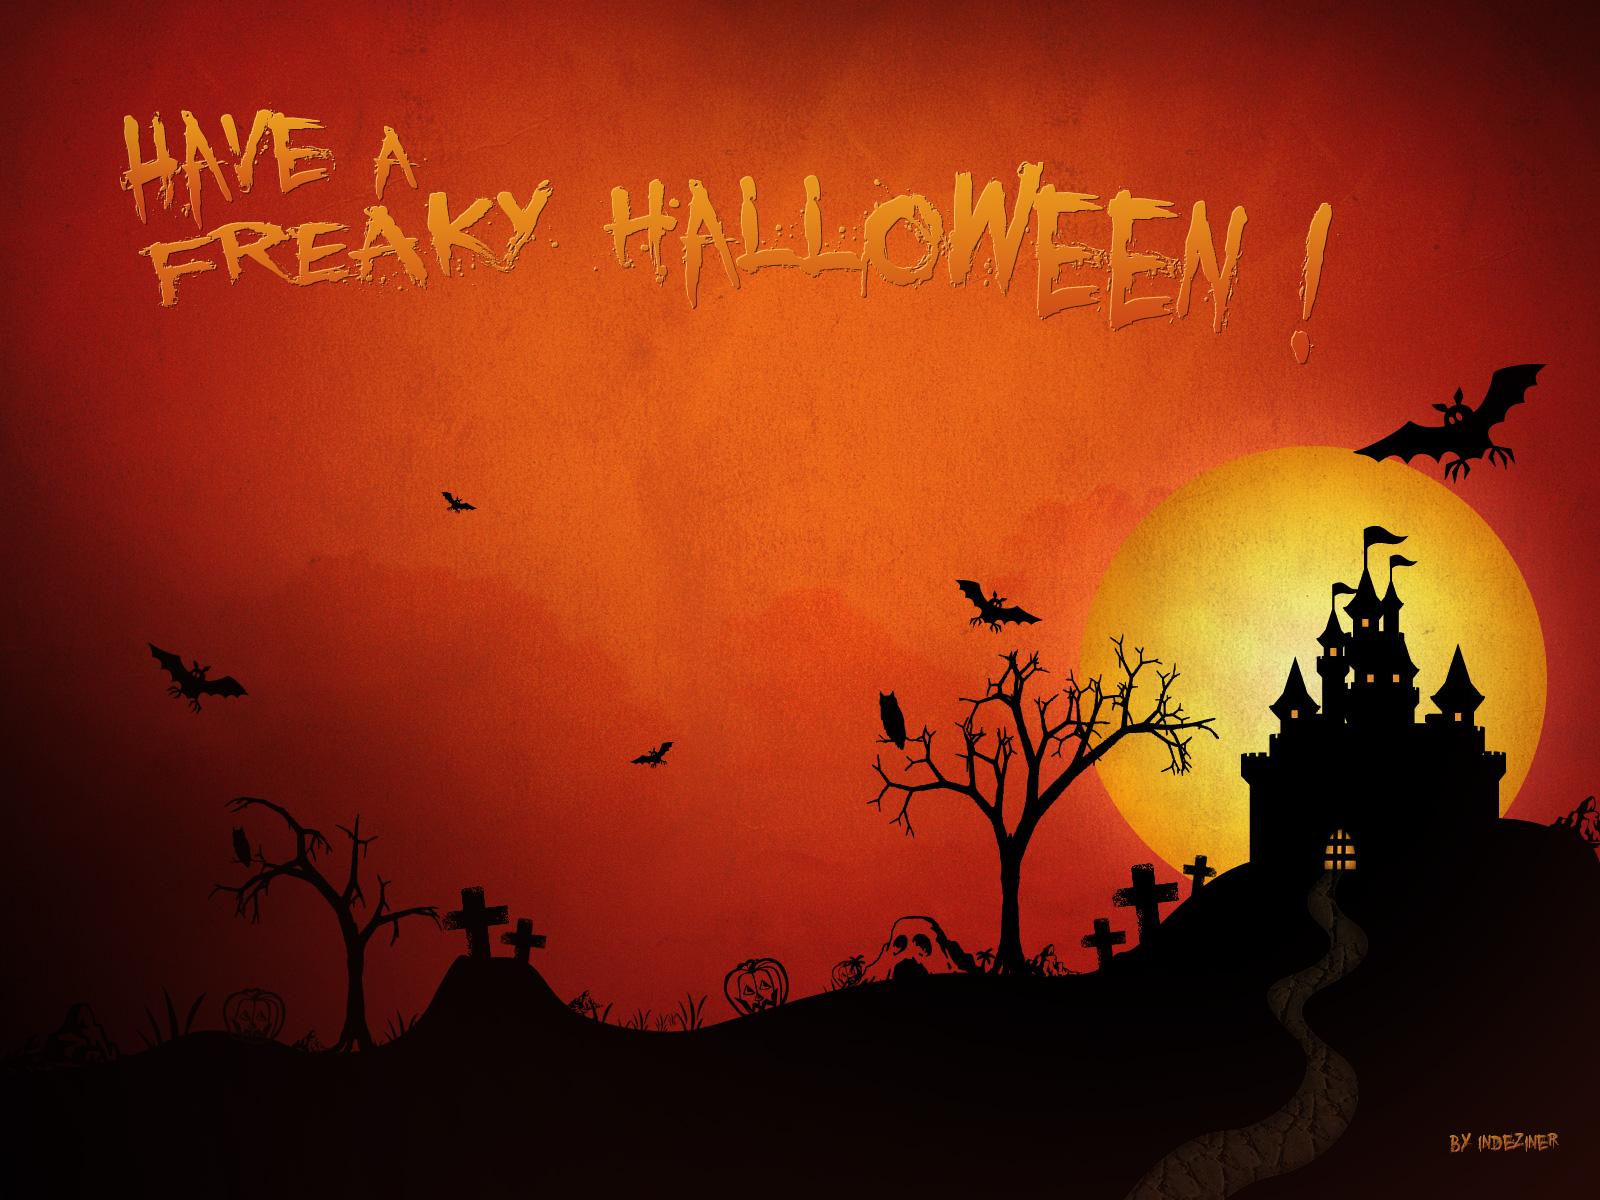 http://4.bp.blogspot.com/-pQP6kTcyX_I/UJFFTZmvkPI/AAAAAAAAAE4/oQQBVATbpjs/s1600/Halloween_Wallpapers15.jpg